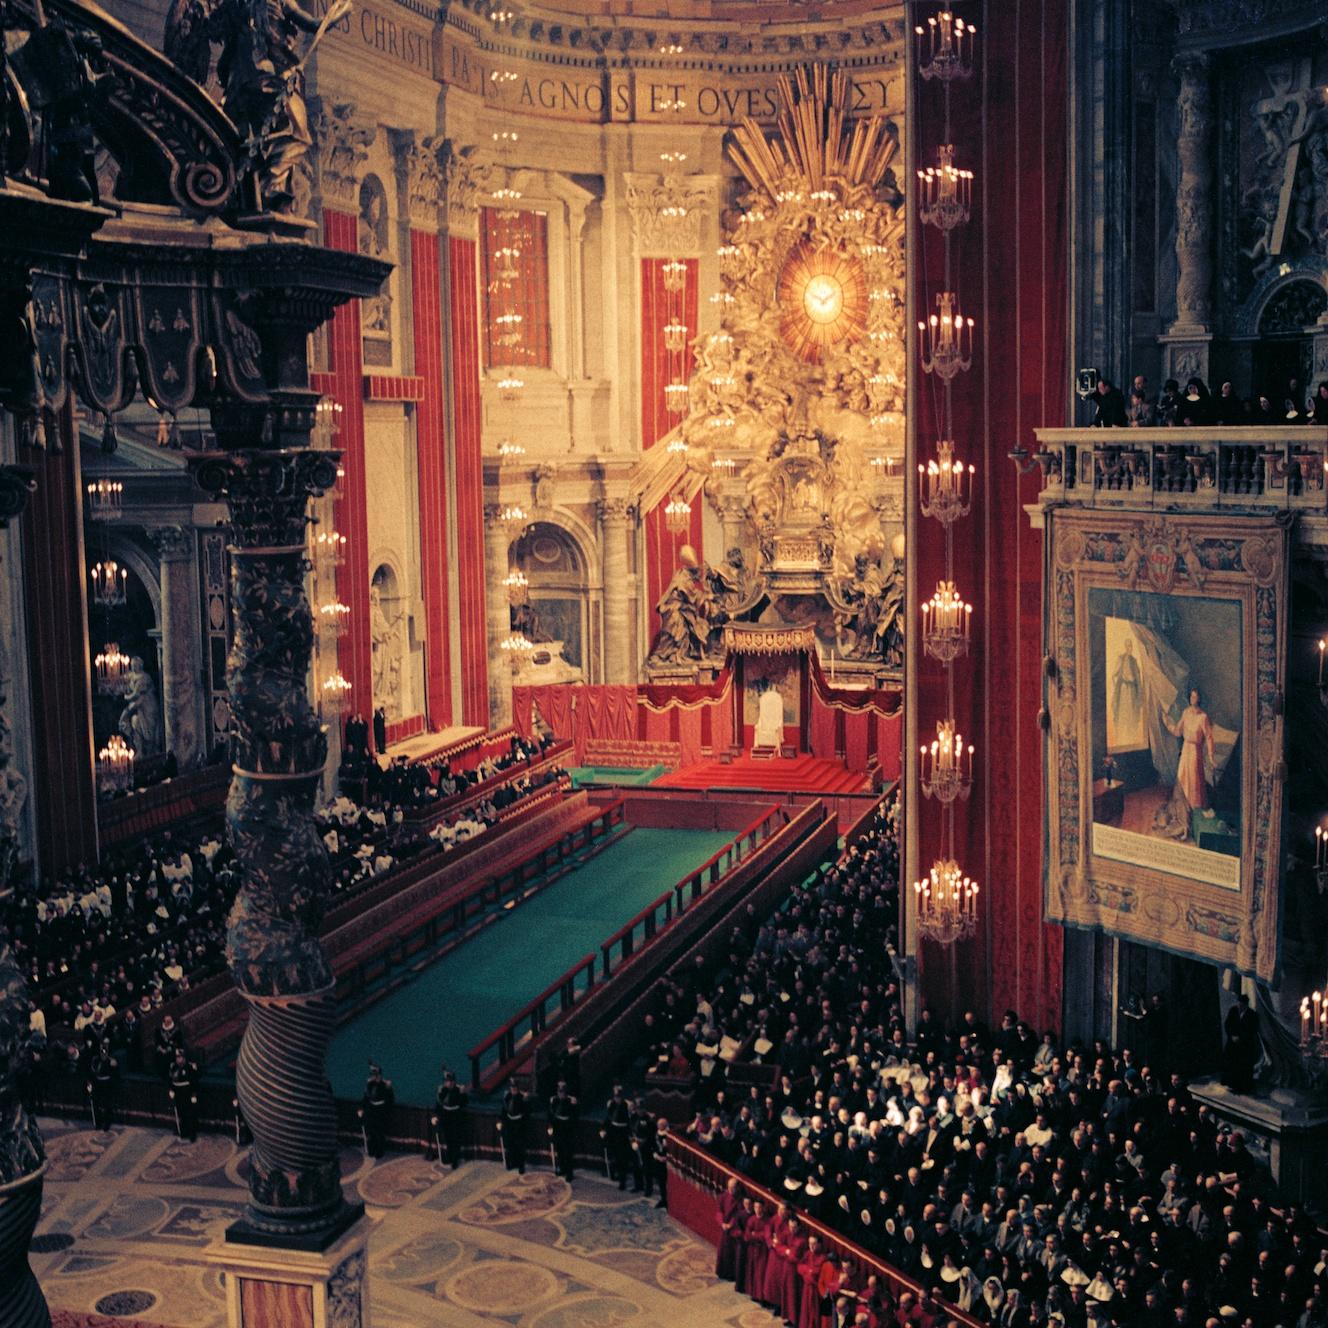 Storia del cristianesimo. Il Concilio Vaticano II in una foto di Lothar Wolleh [CC-BY-SA 3.0]